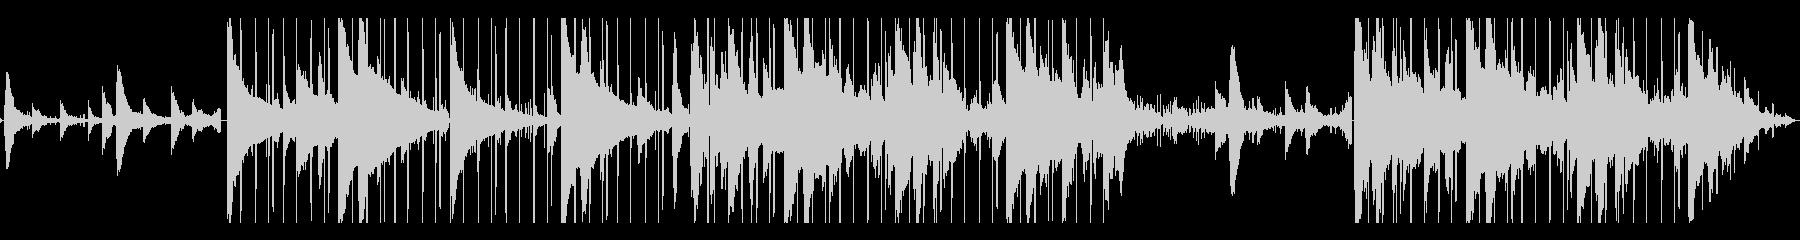 Lofi Hiphop/チル/切ないの未再生の波形